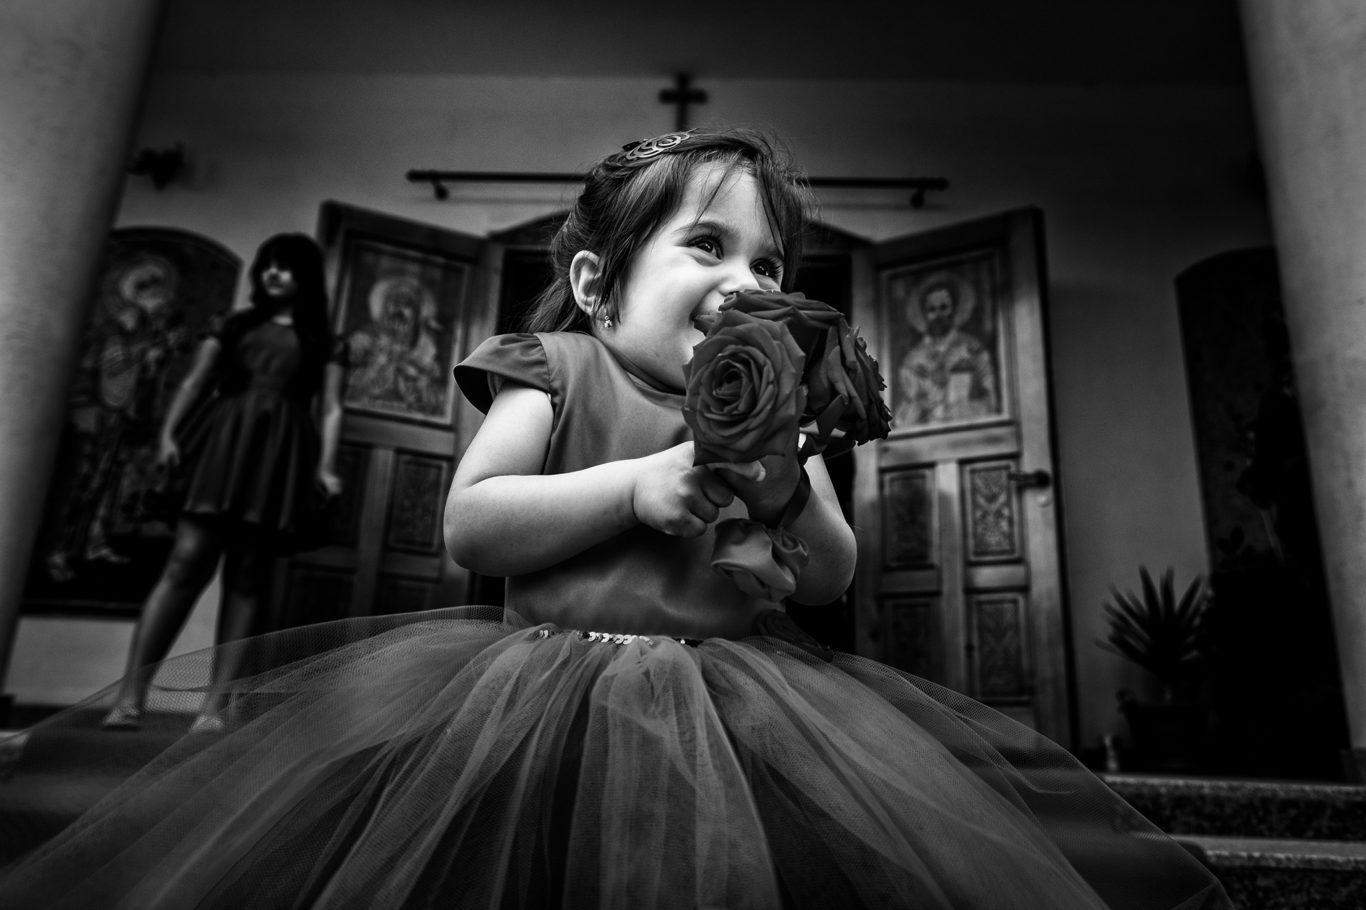 0210-Fotografie-nunta-Flory-Cristi-fotograf-Ciprian-Dumitrescu-DSCF8166